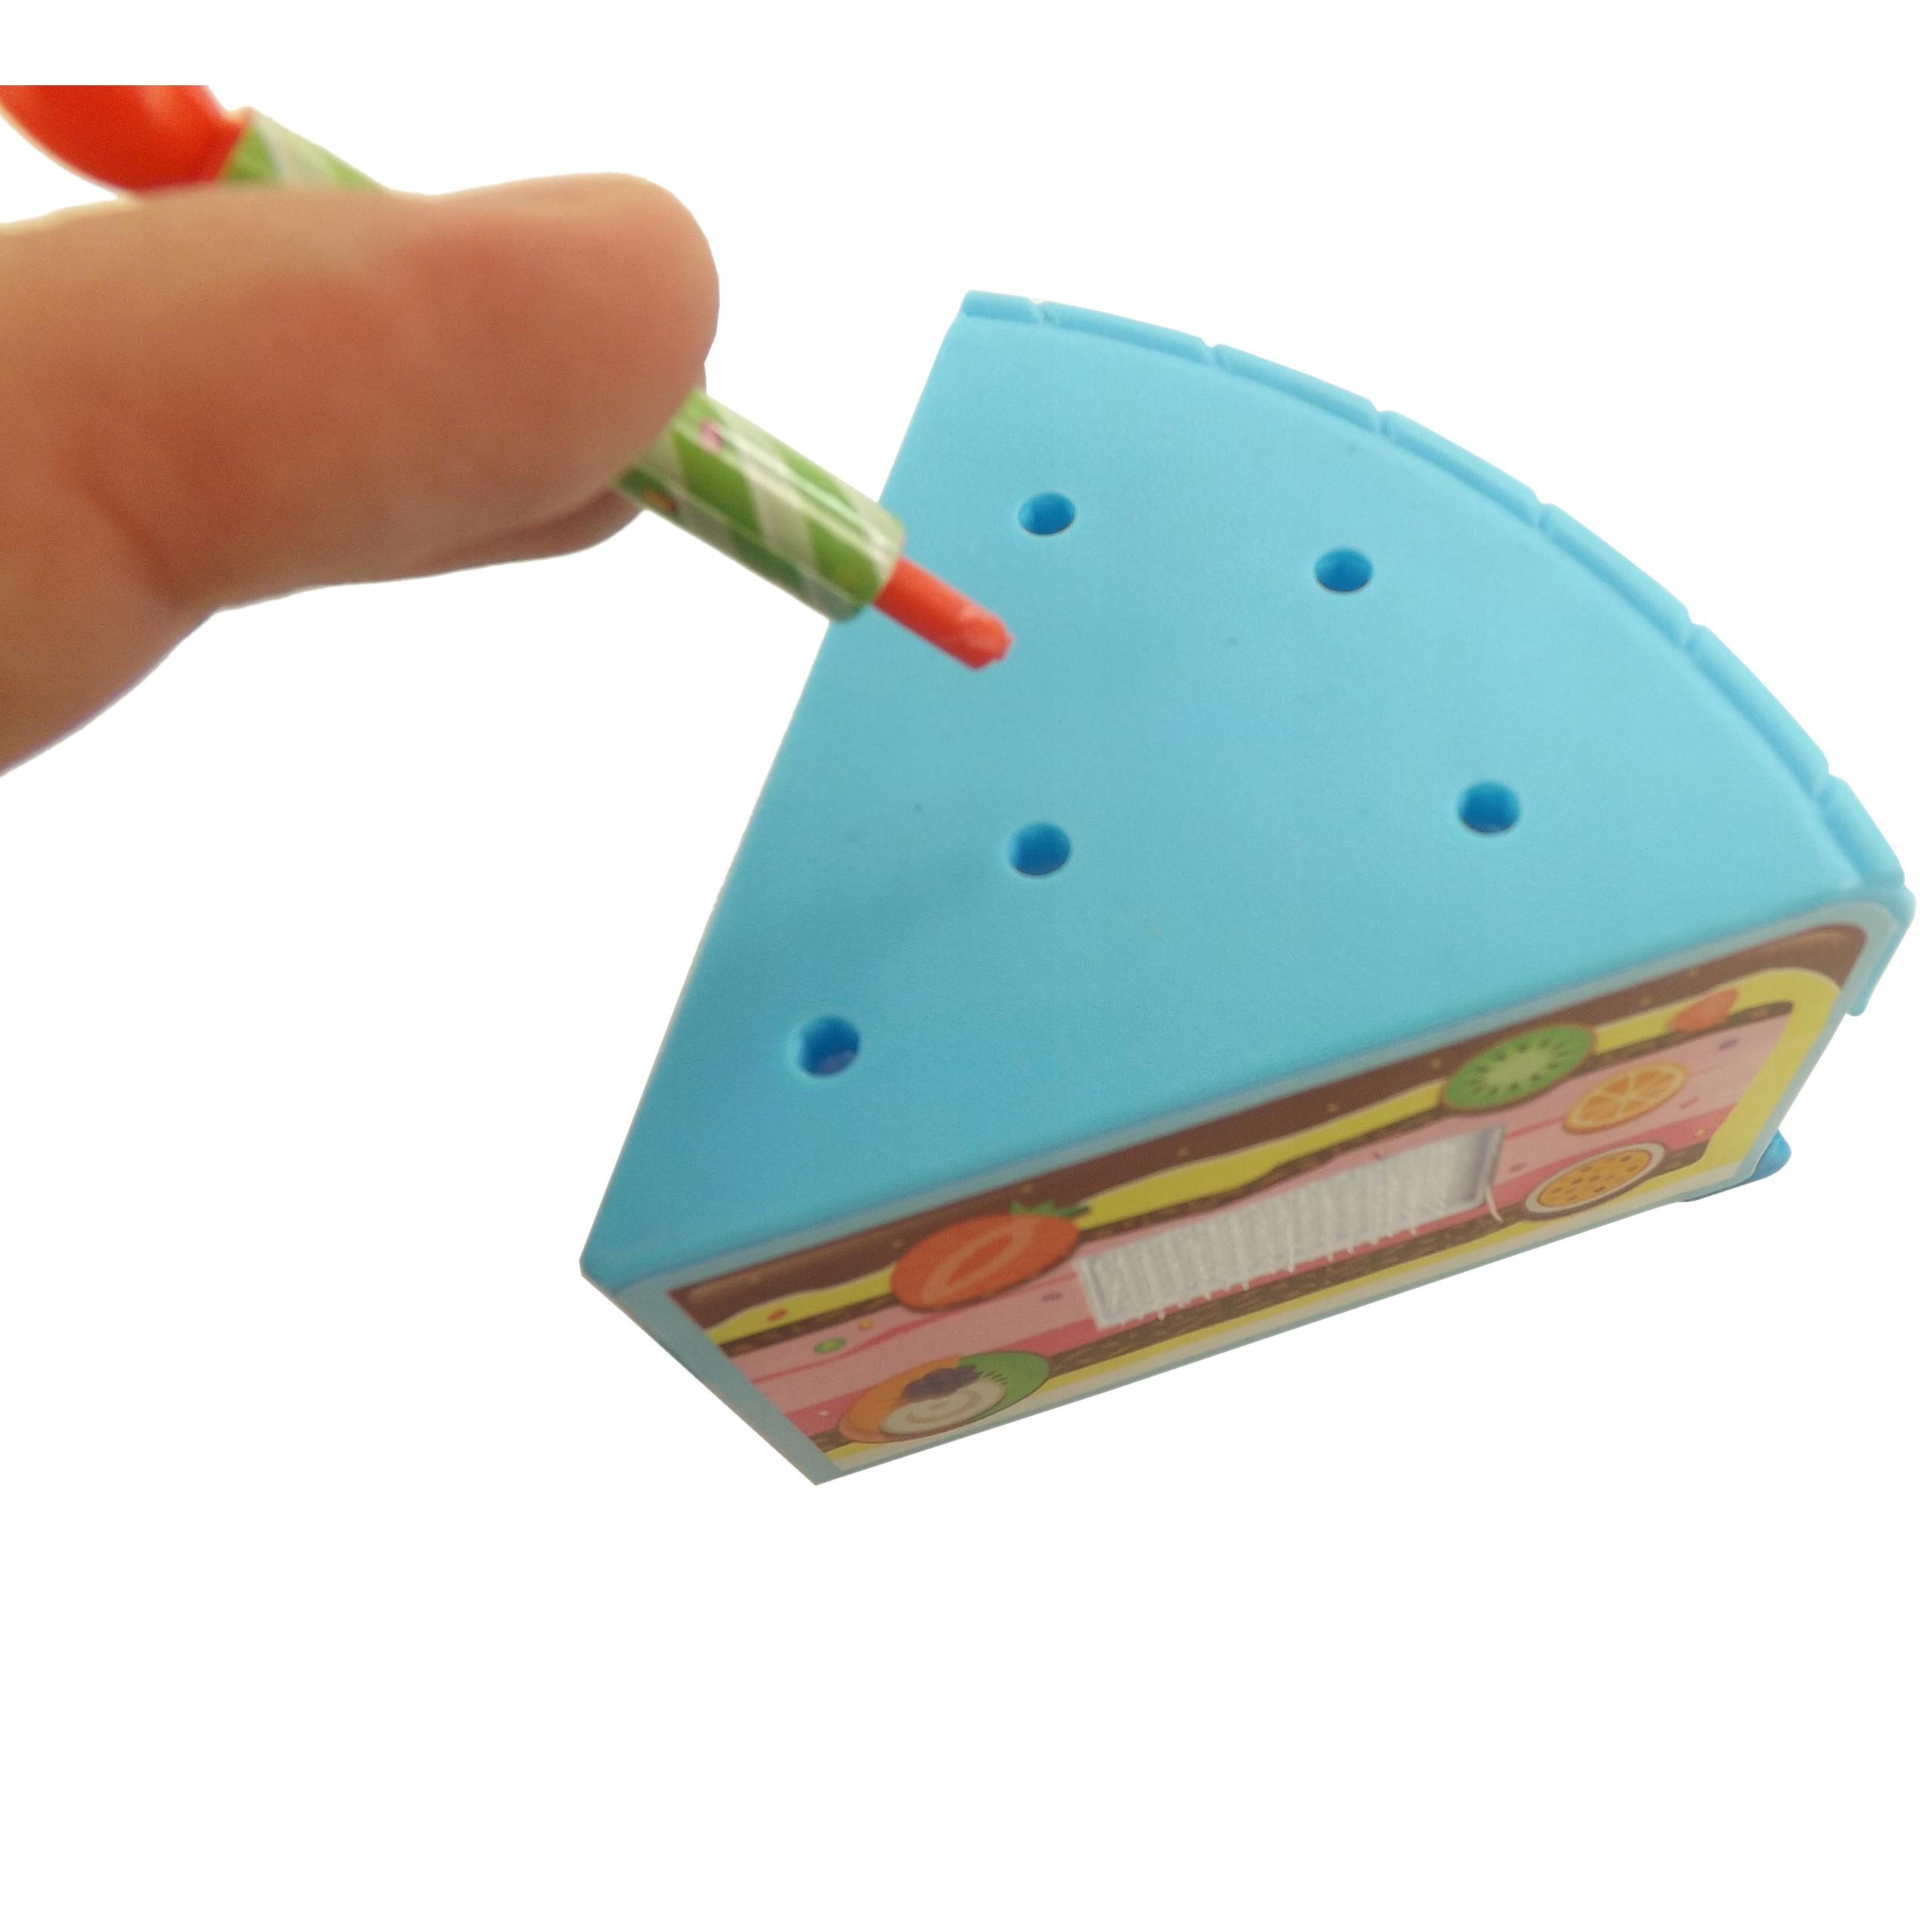 TORT URODZINOWY DO KROJENIA NA RZEPY 80 EL WD-I58N Materiał Plastik